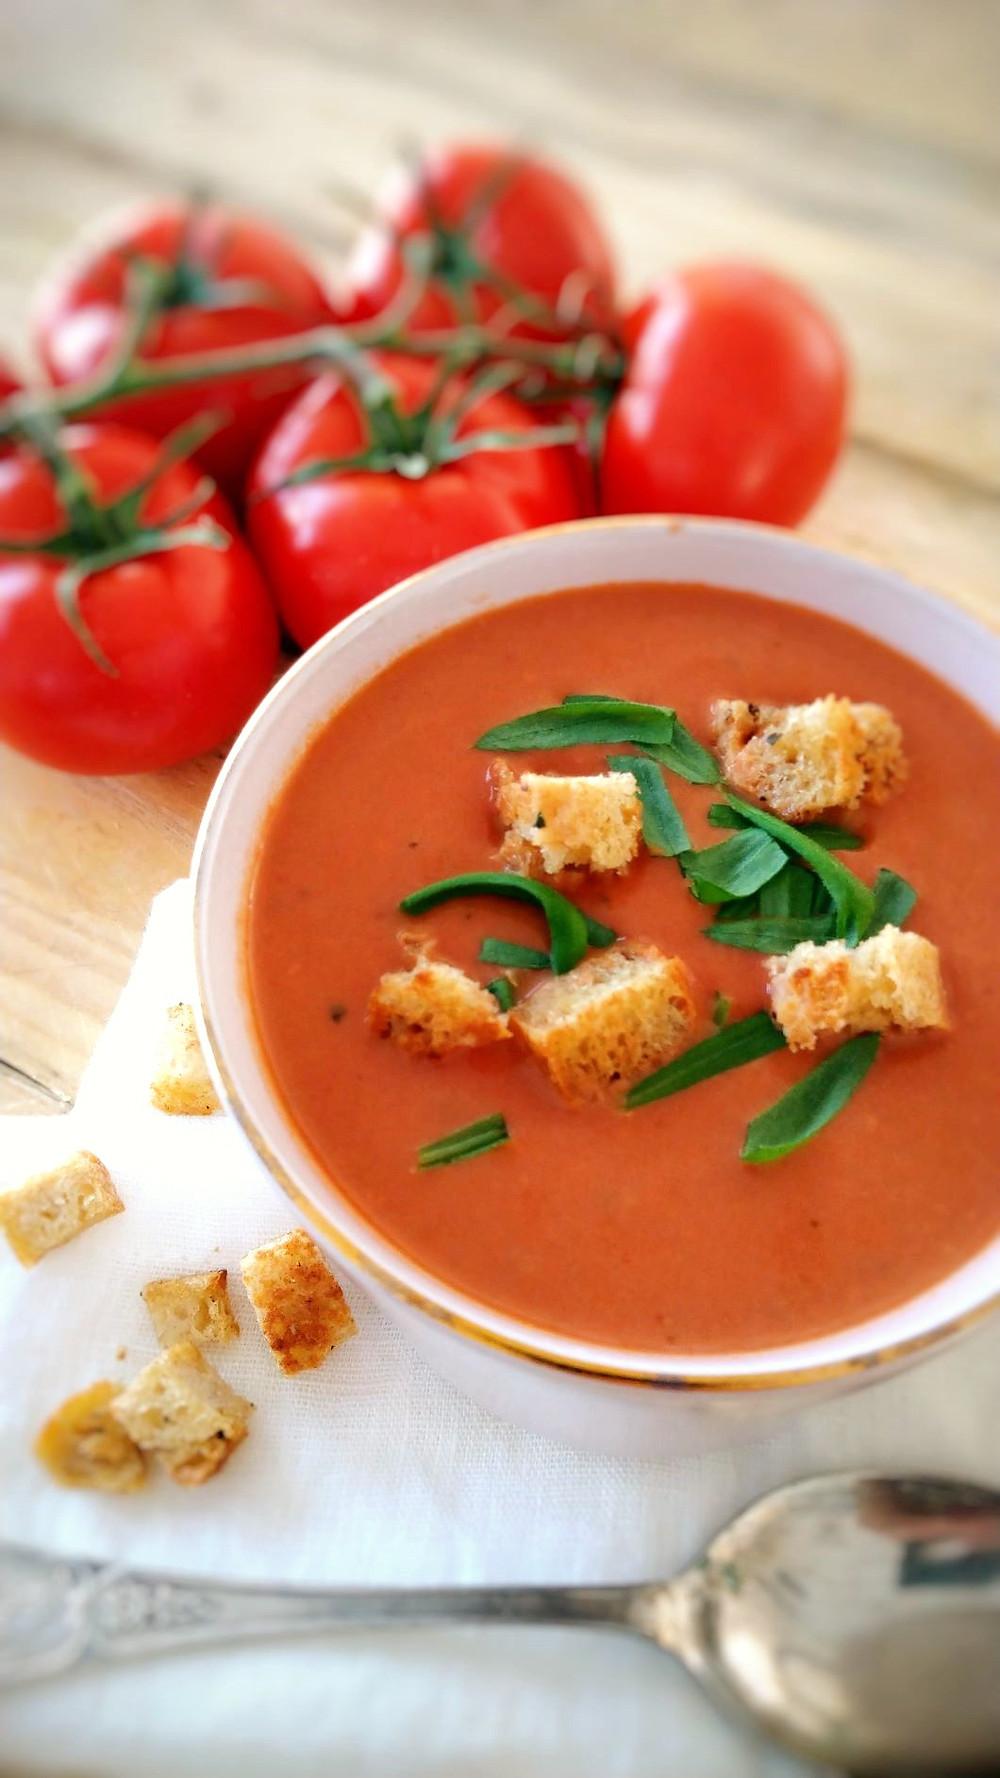 nopea keitto, tomaattikeiton resepti, paahdettu tomaattikeitto, tomaatti, keitot, tomaattikeitto tuoreista tomaateista, paseerattu tomaatti, purkkitomaatti, säilyketomaatti, kermainen tomaattikeitto, kasrvikerma, vegaaninen tomaattikeitto, ilman maitotuotteita, oatly, basilika, sipuli, aurinkokuivaatu tomaatti, tulinen tomaattikeitto, oliiviöljy